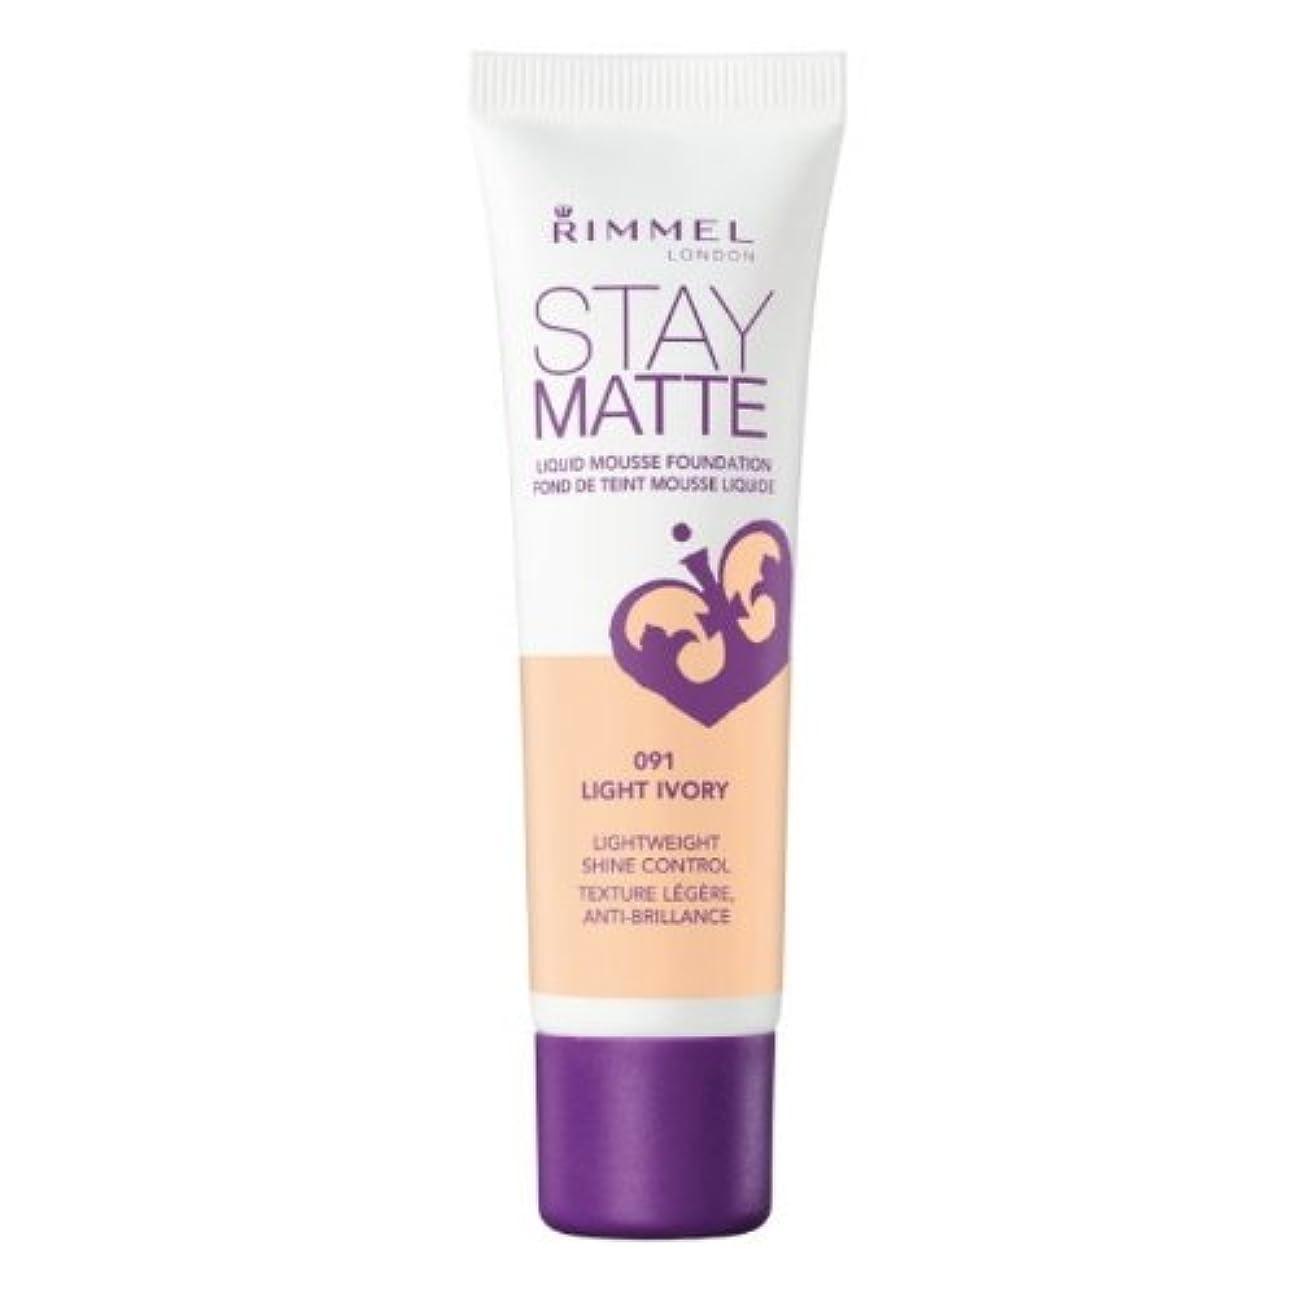 カヌー役立つコントロール(6 Pack) RIMMEL LONDON Stay Matte Liquid Mousse Foundation - Light Ivory (並行輸入品)